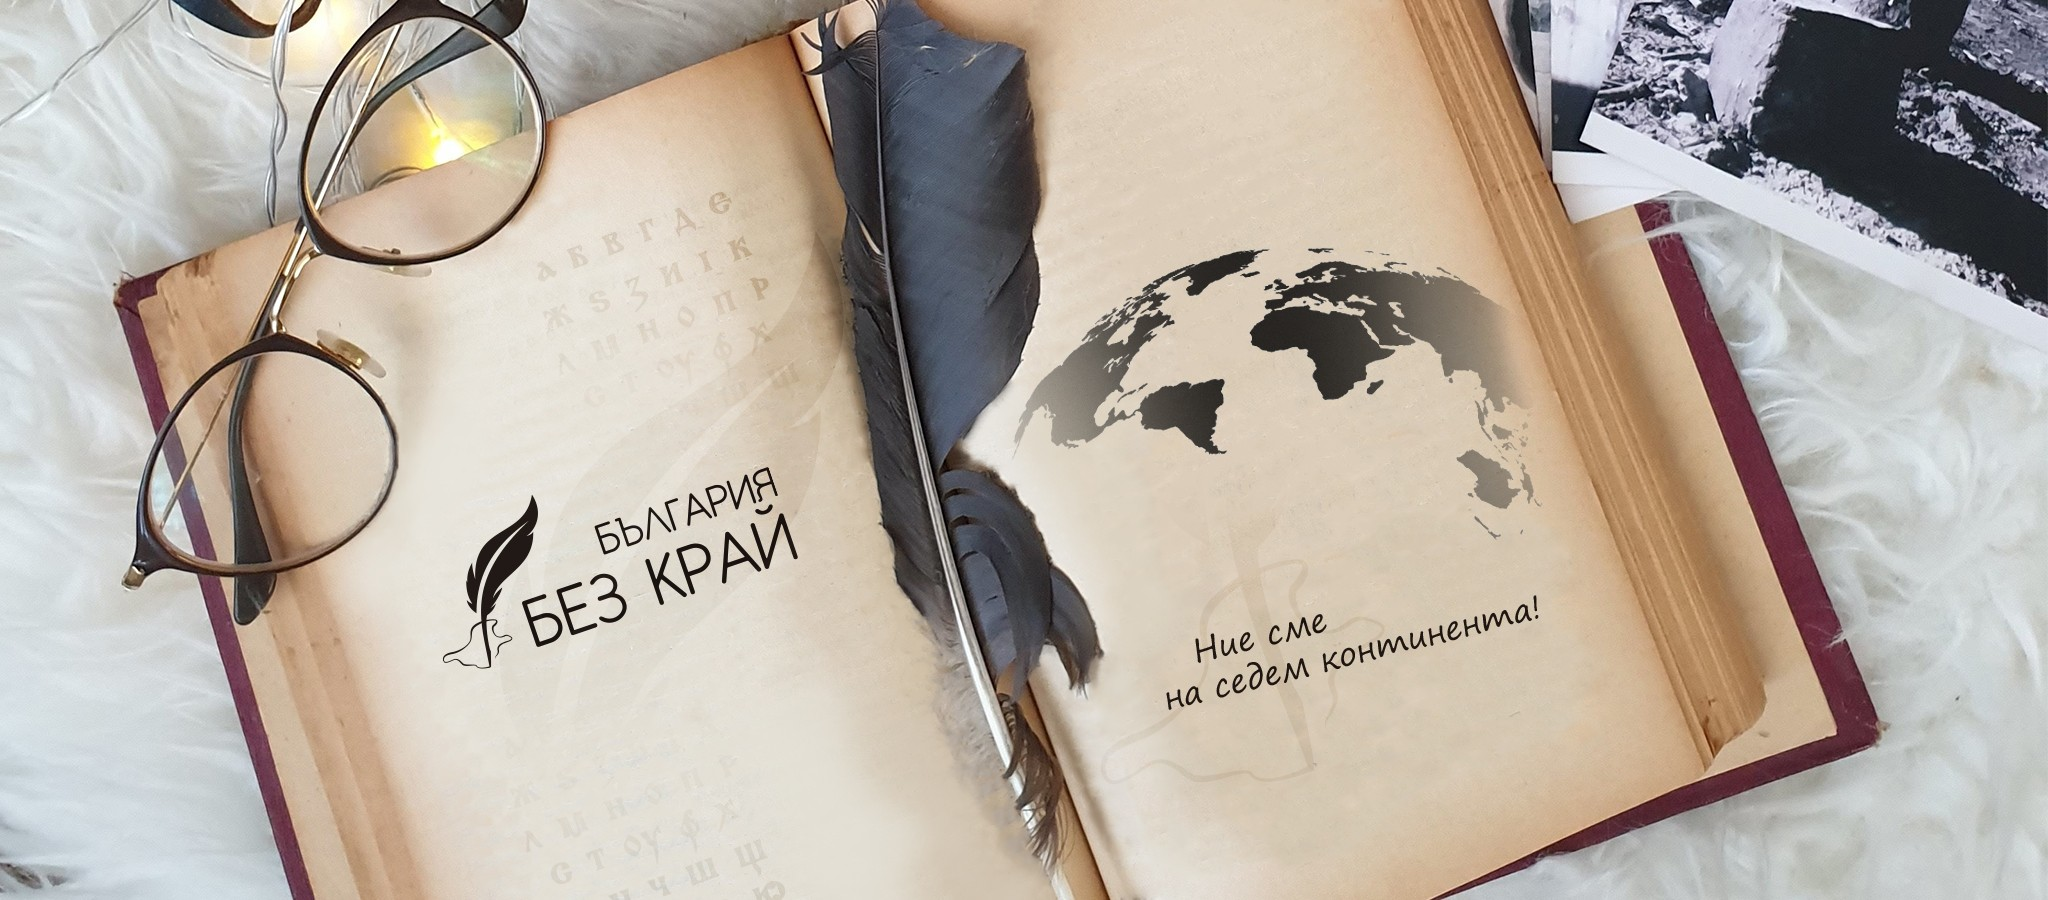 Нова дигитална платформа насърчава съвременното българско слово